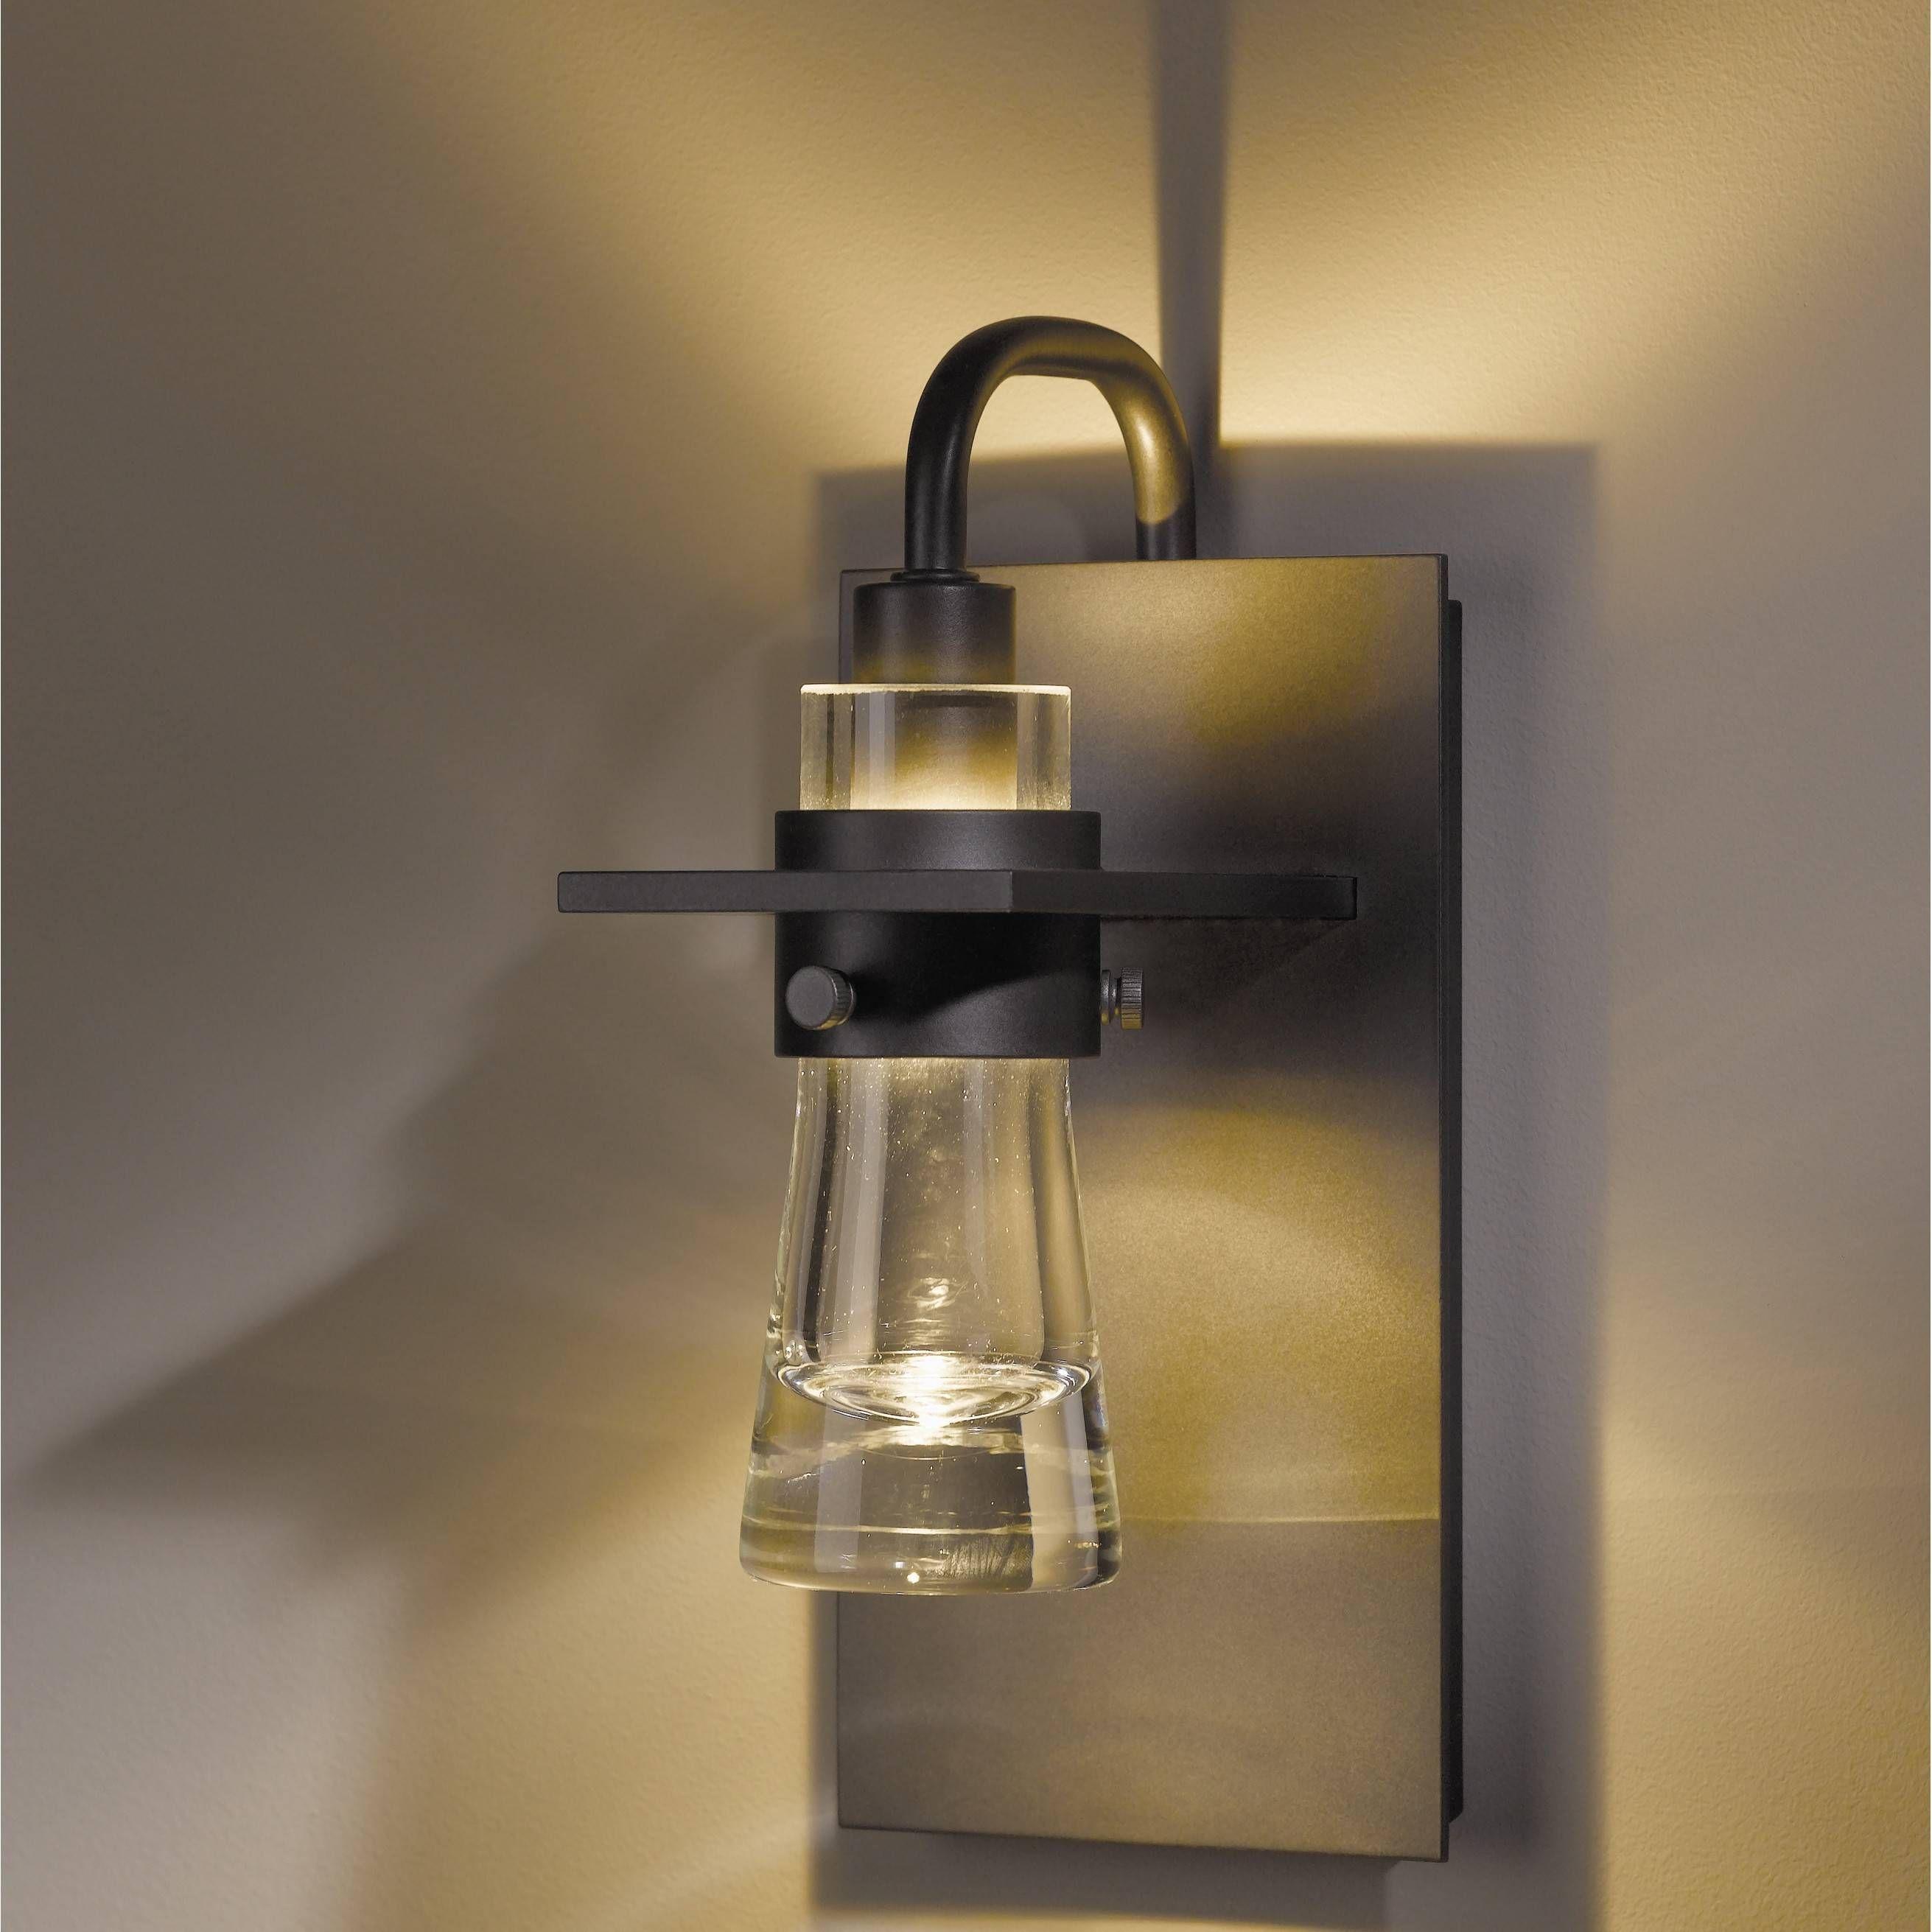 bathroom light fixtures brass and chrome | House Interior Design ...